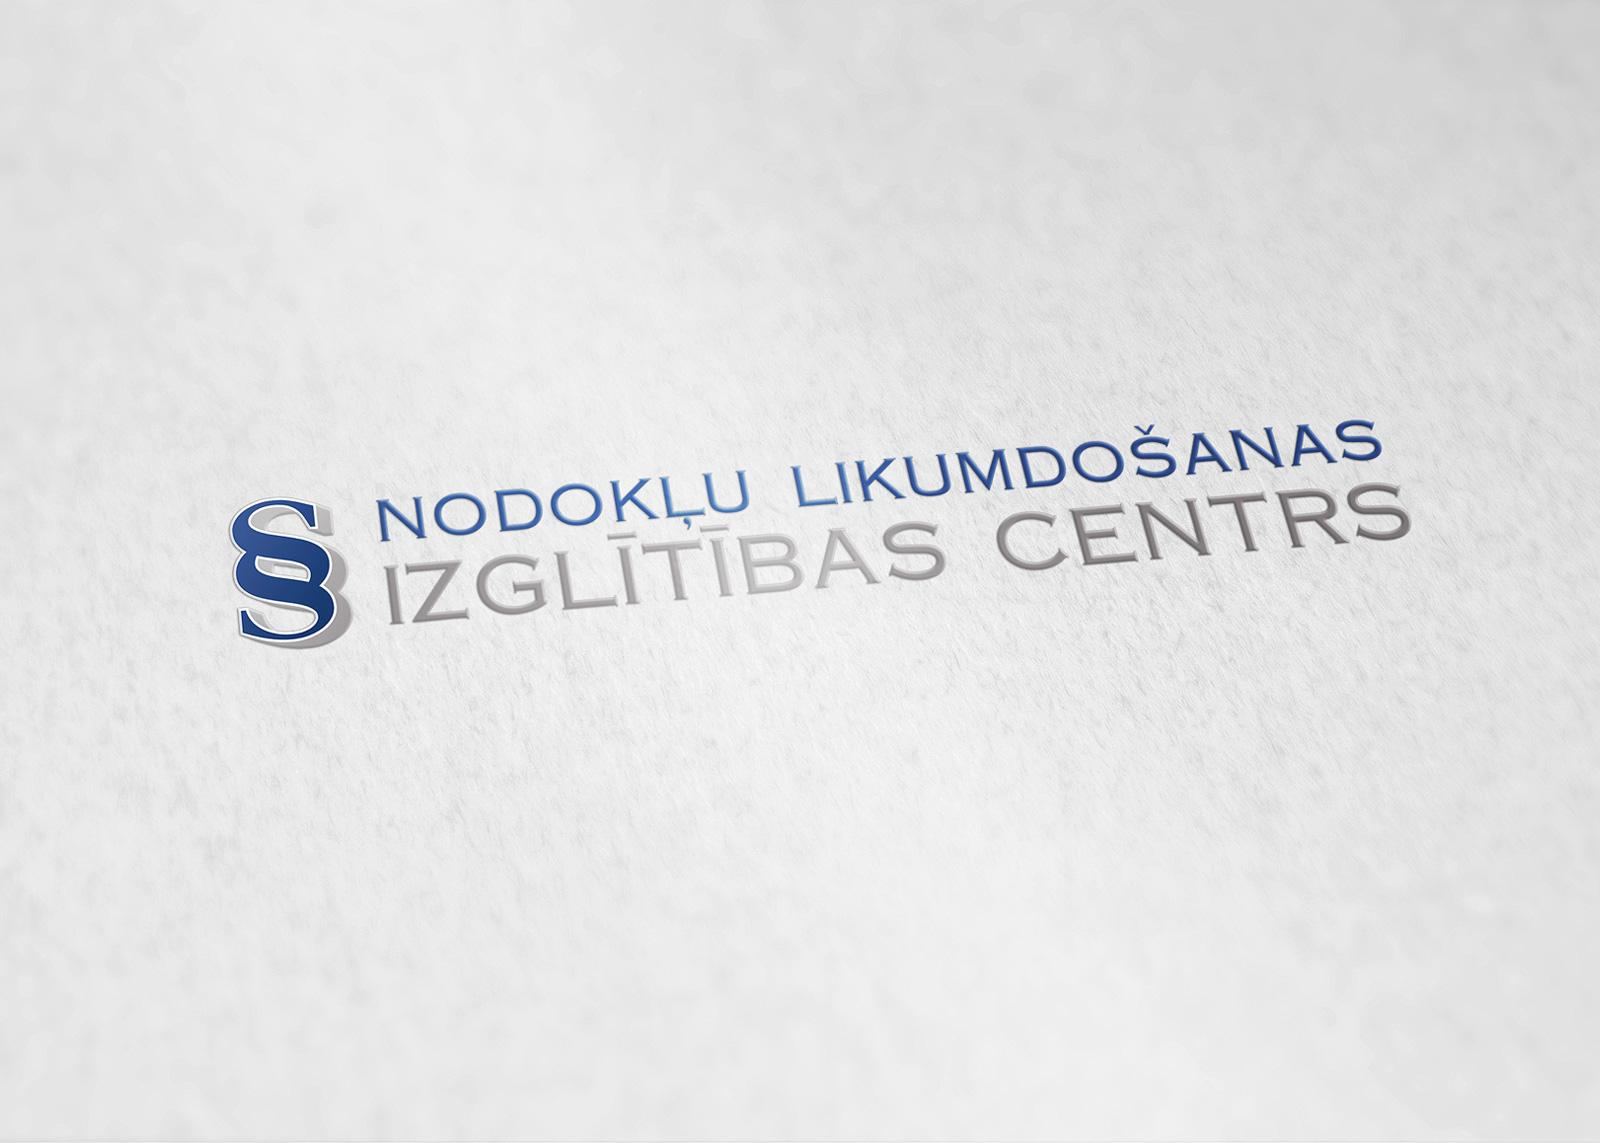 nodokļu likumdošanas izglītības centrs